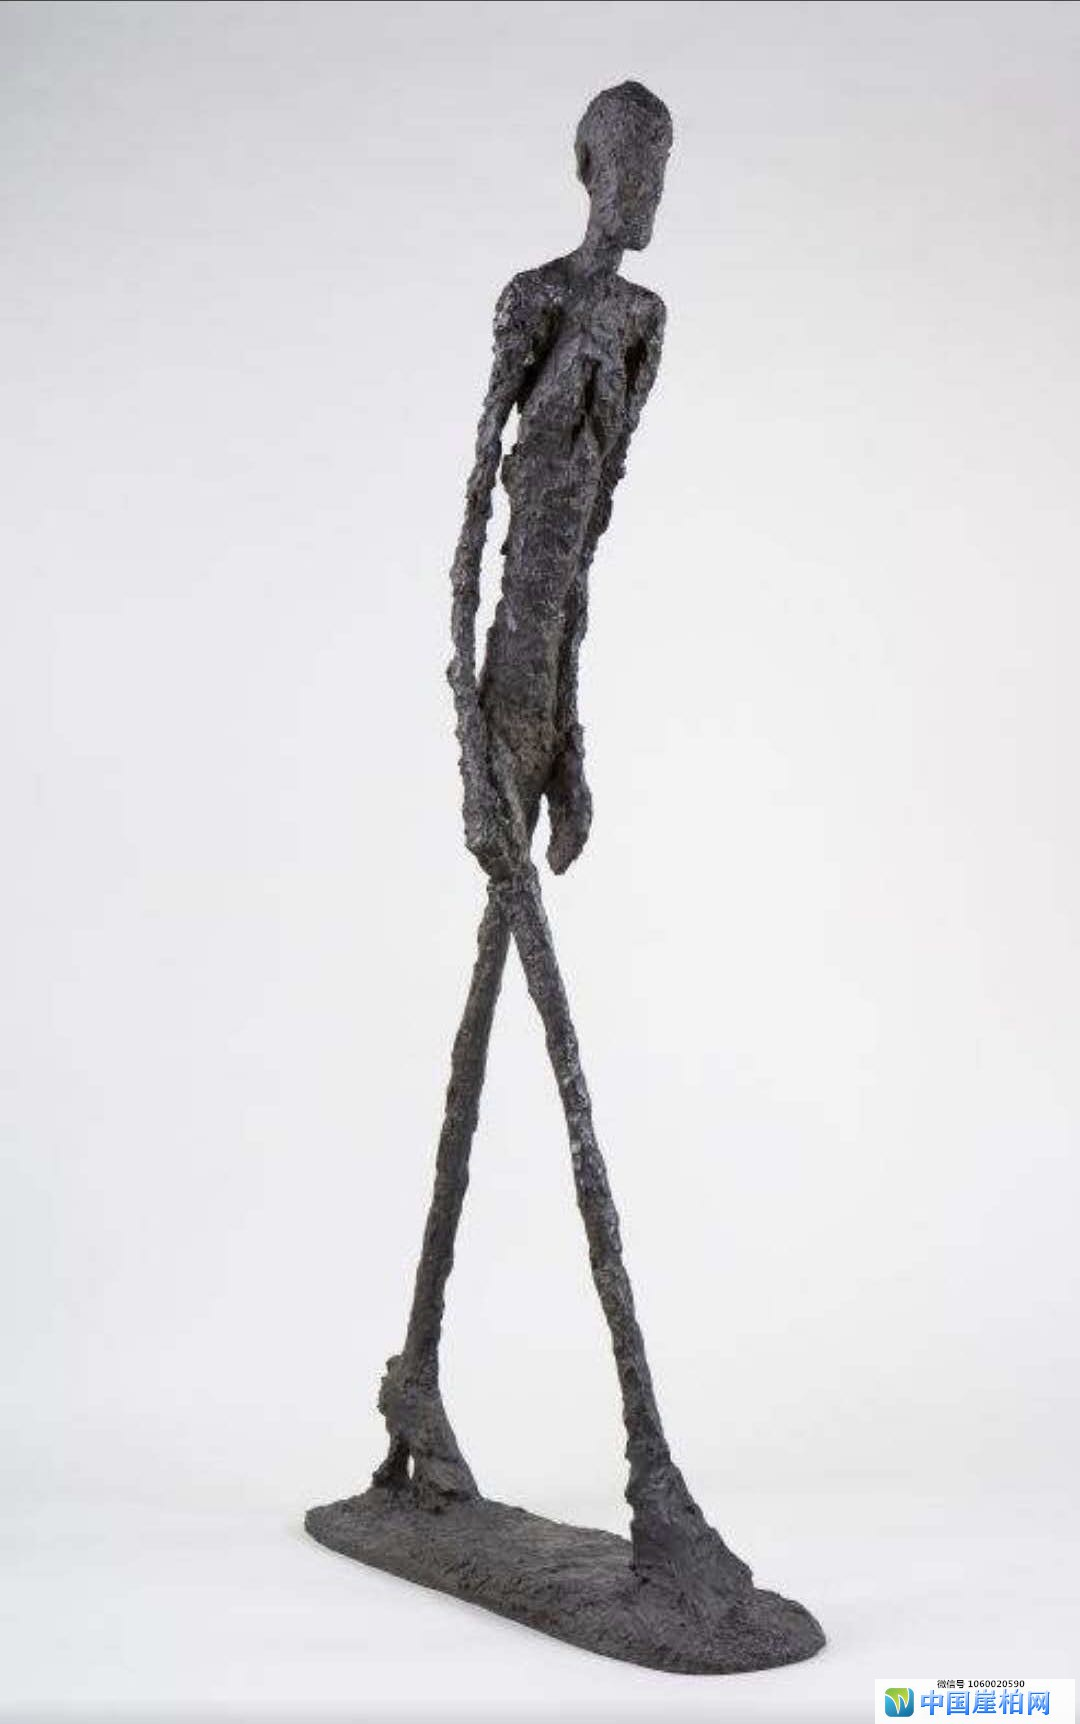 《行走的人》是瑞士阿尔伯托?贾科梅蒂的雕塑作品